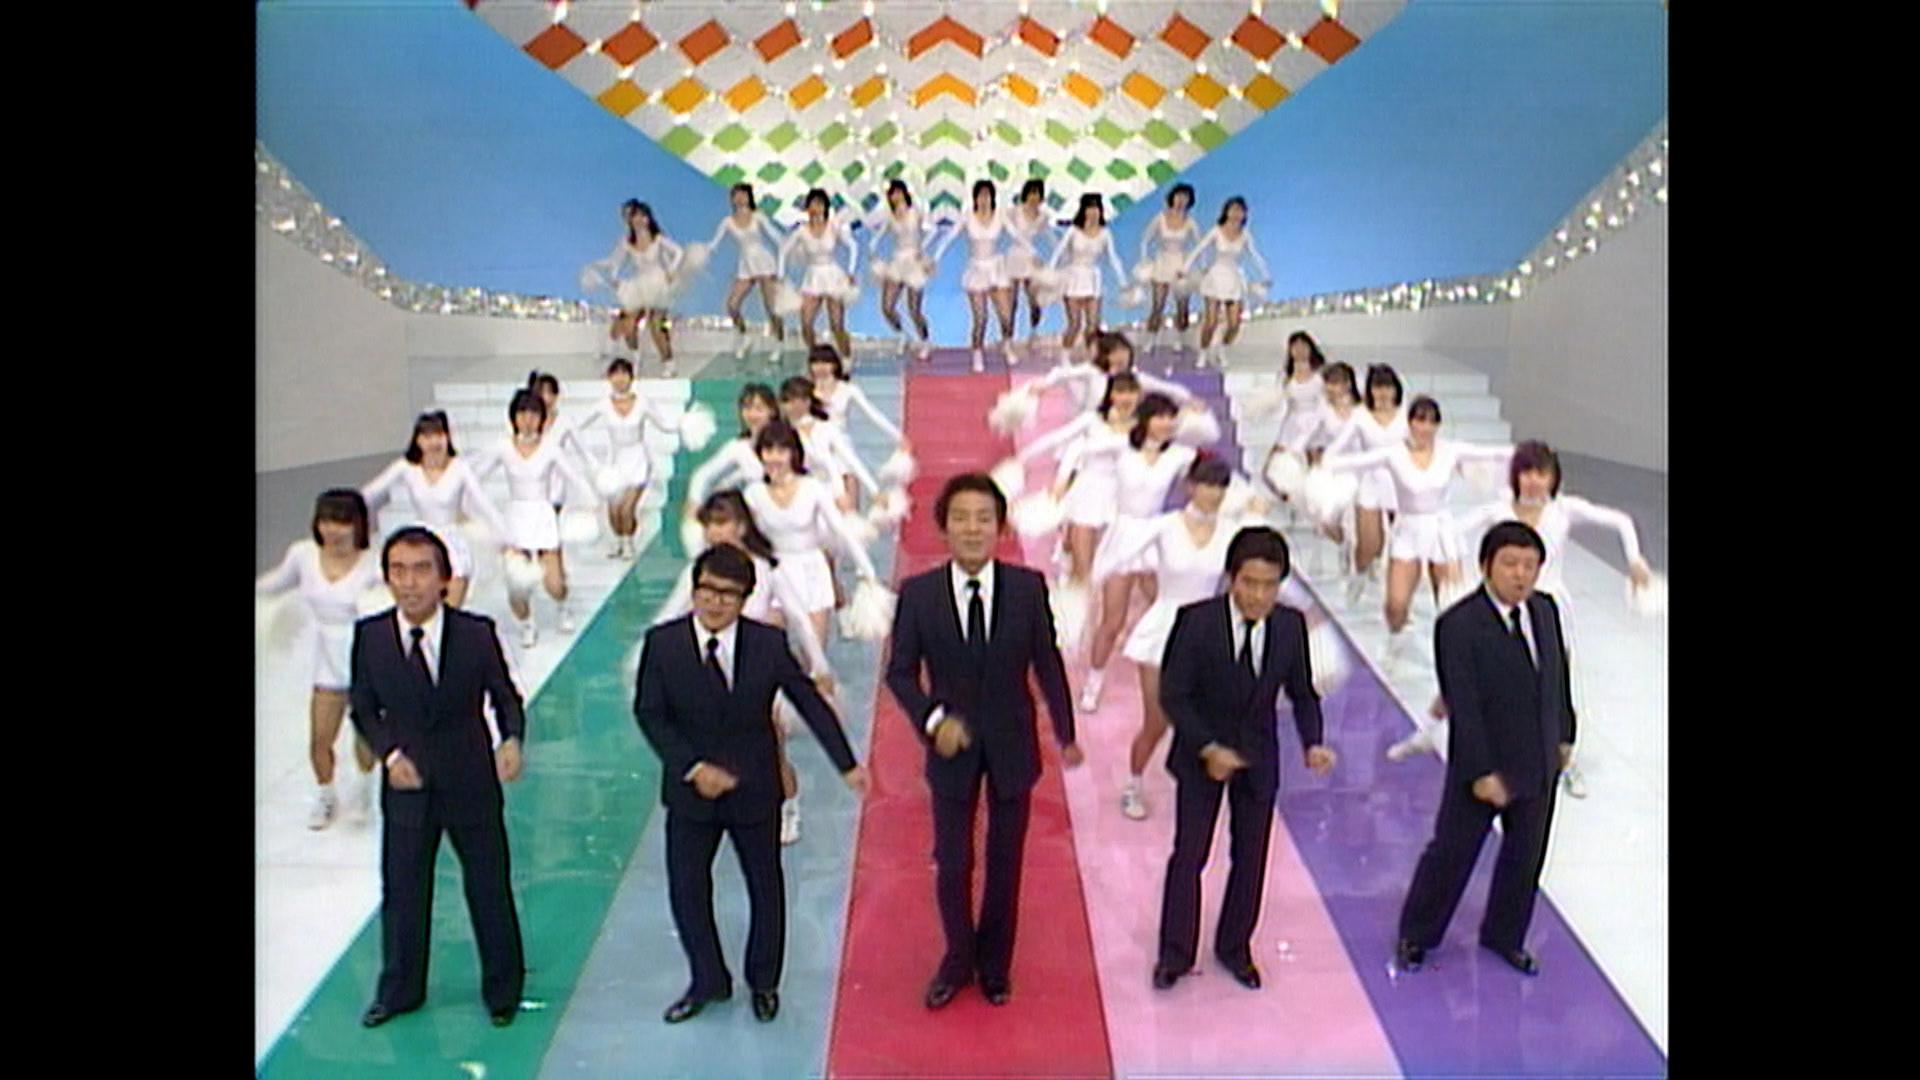 ザ・ドリフターズの5人が帰ってきた!? 「ザ・ドリフターズ」×「BOSS」、ザ・ドリフターズの懐かしの名シーン満載のスペシャルコラボ動画公開!